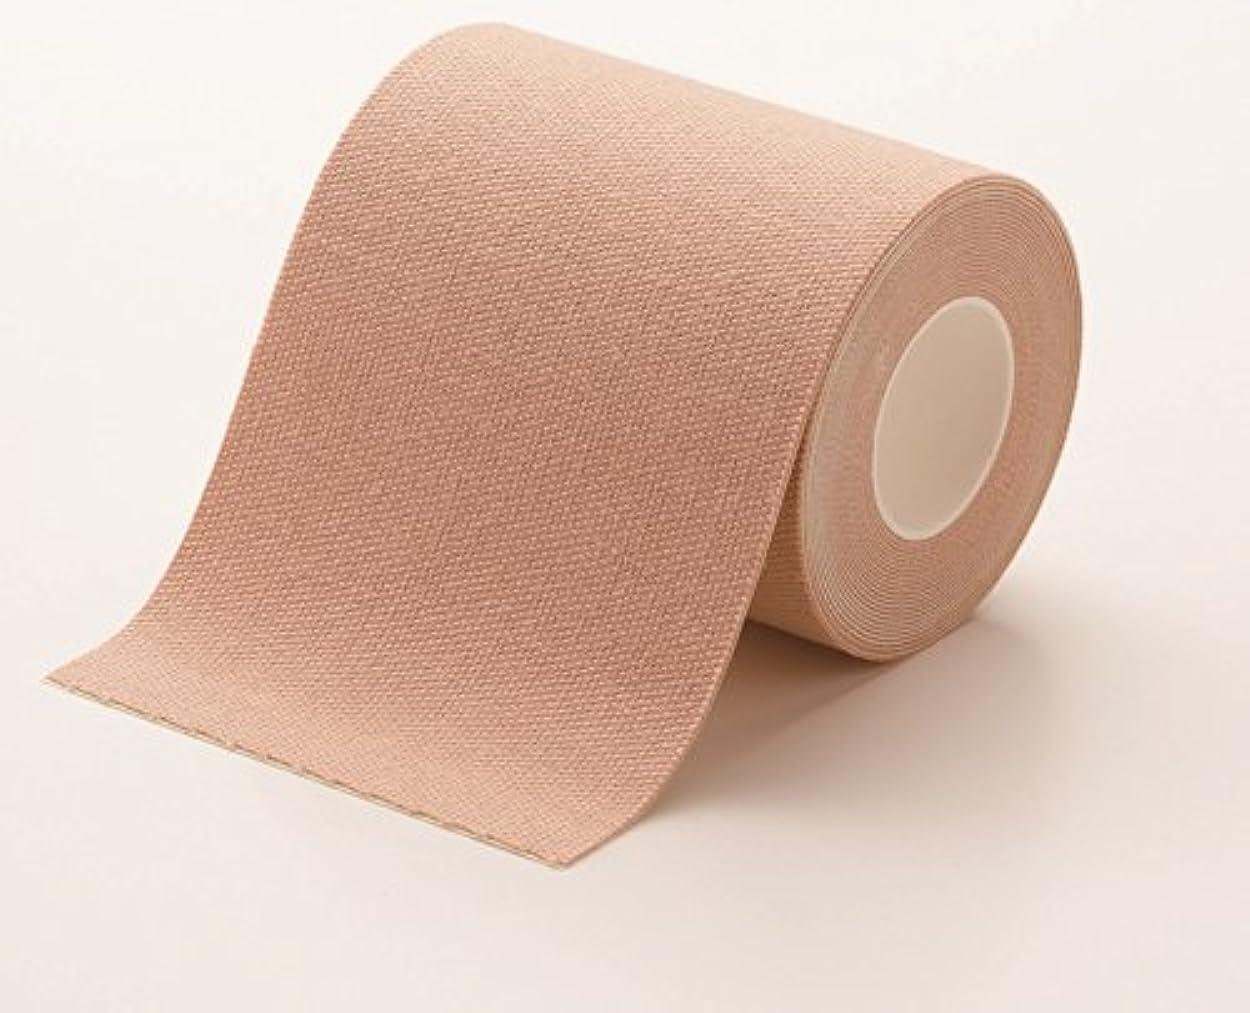 冷える柔らかいレザー汗かきさんの直貼りワイド汗取りシート5個組 (ヒアルロン酸配合?抗菌加工)